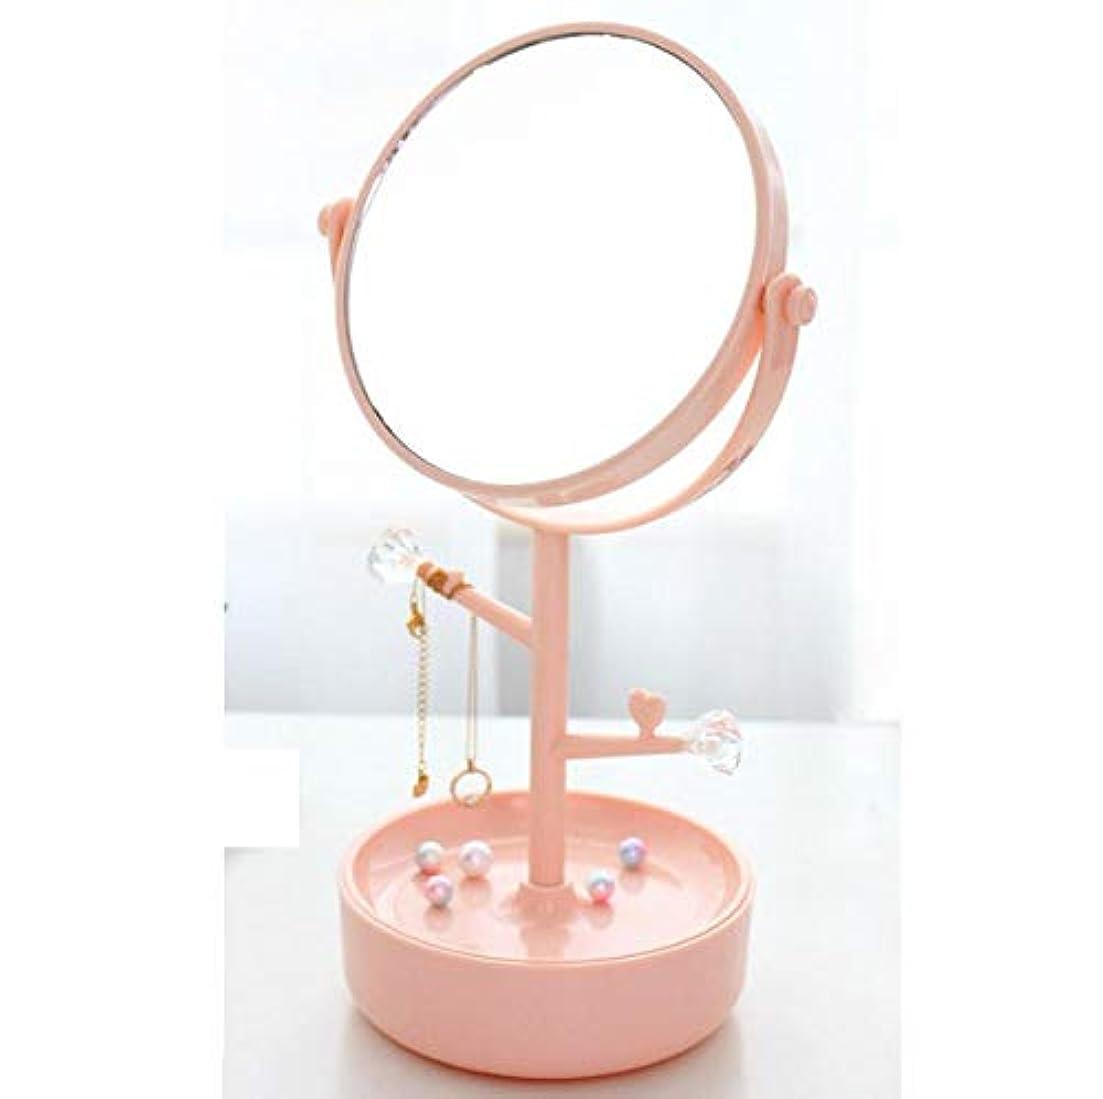 サイズ分数首化粧鏡、ピンク多機能収納両面化粧鏡化粧ギフト